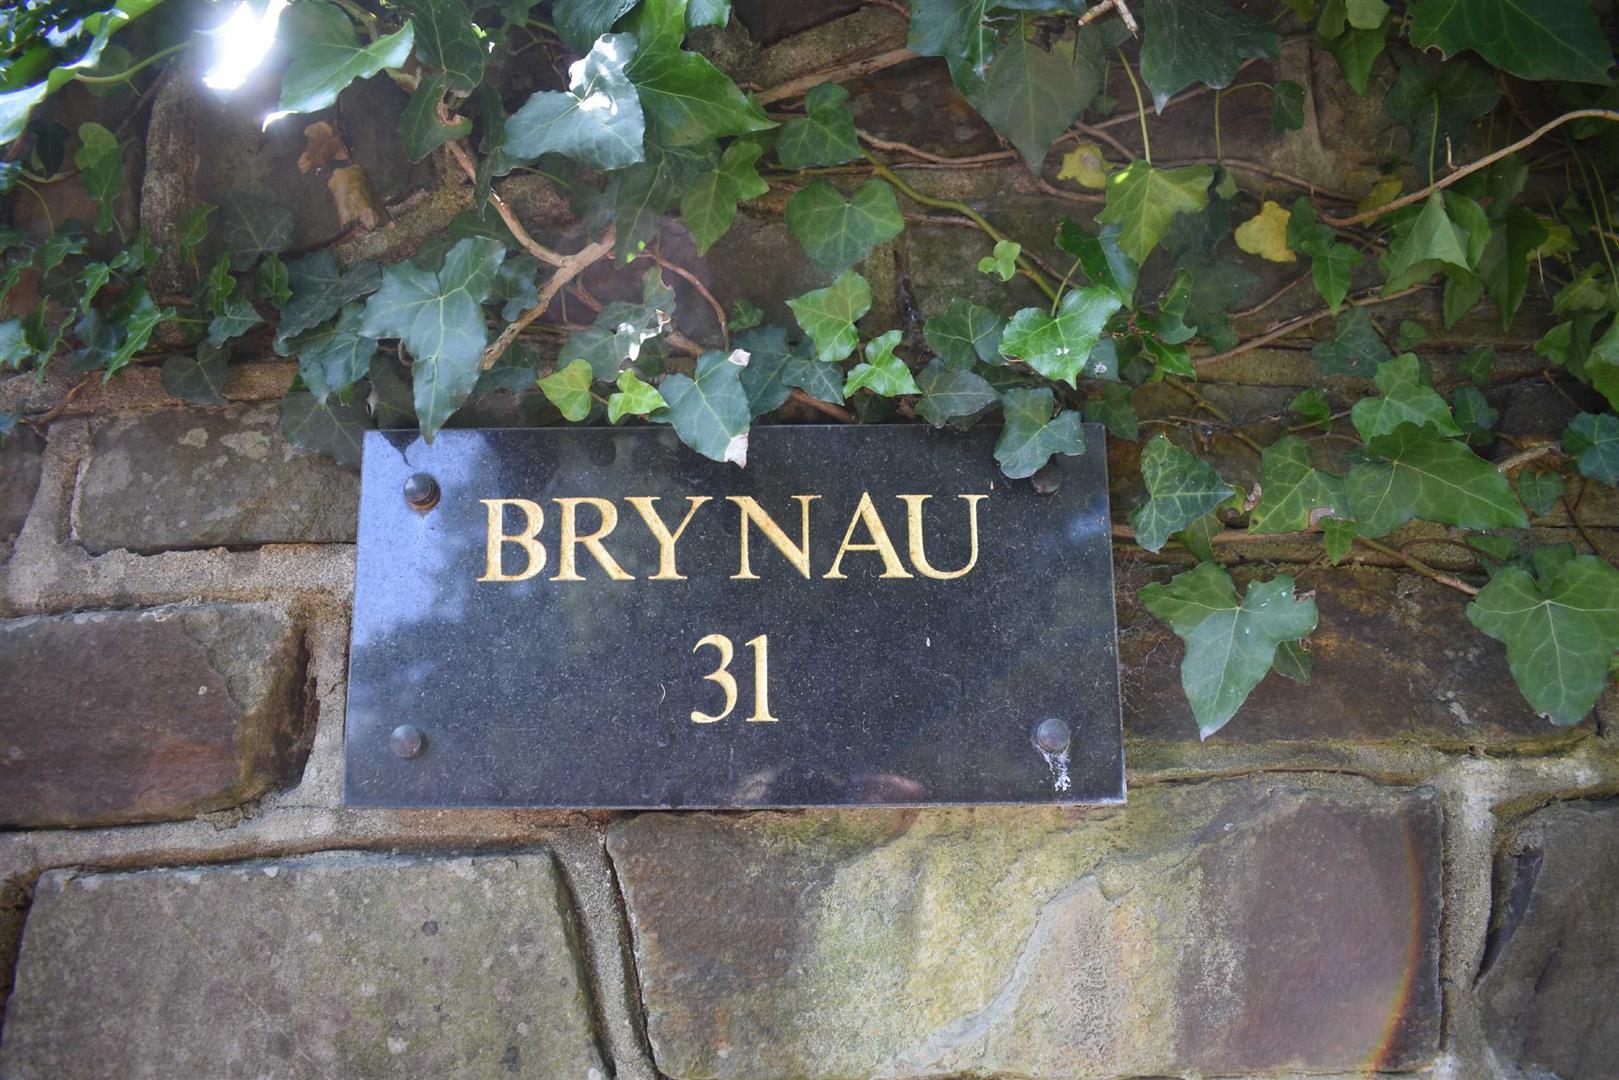 Mayals Road, Mayals, Swansea, SA3 5BT